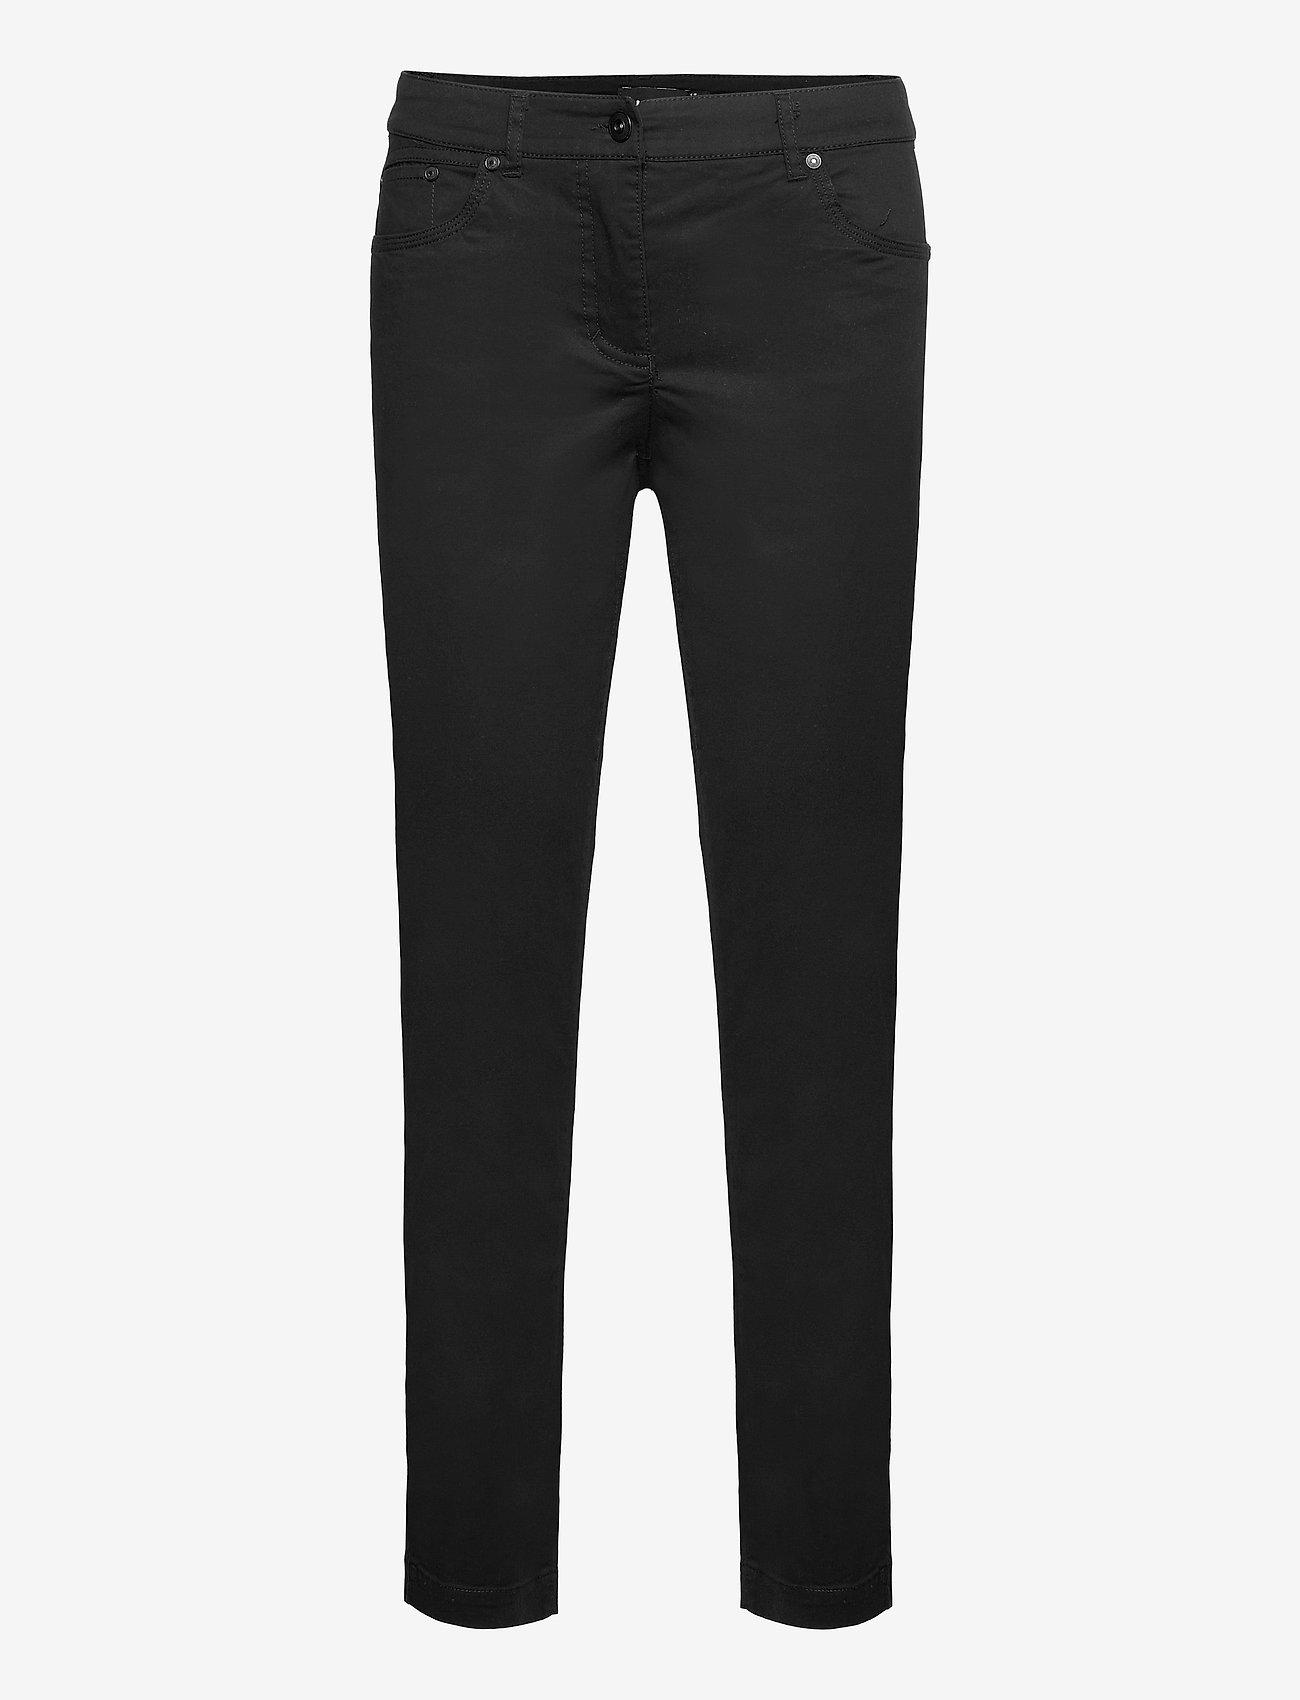 Brandtex - Casual pants - slim fit bukser - black - 1